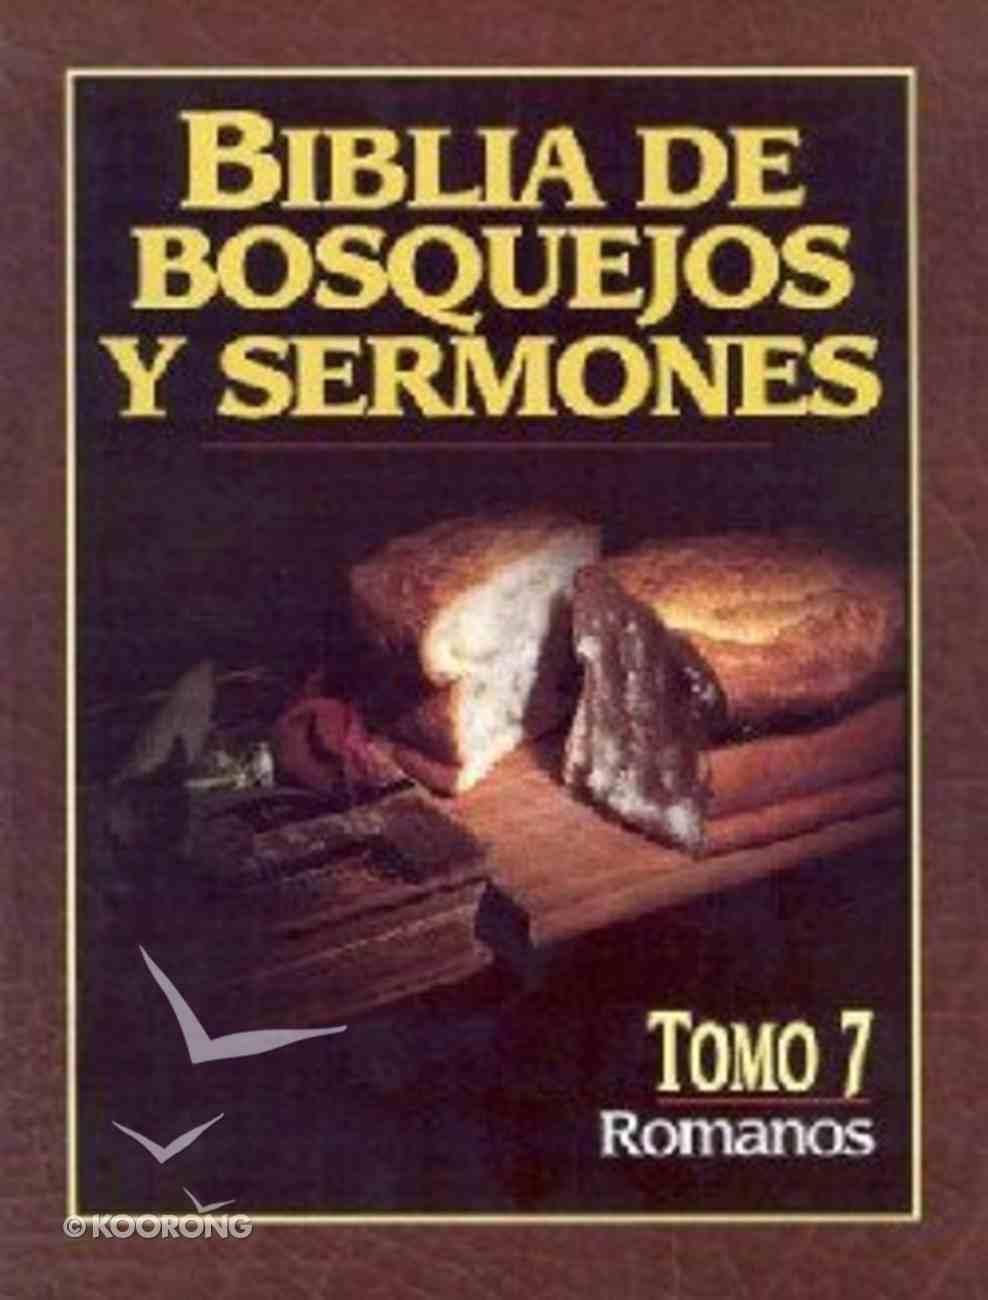 Biblia De Bosquejos Y Sermones #07: Romanos (Posb #07: Romans) (#07 in Preacher's Outline & Sermon Bible Series) Paperback